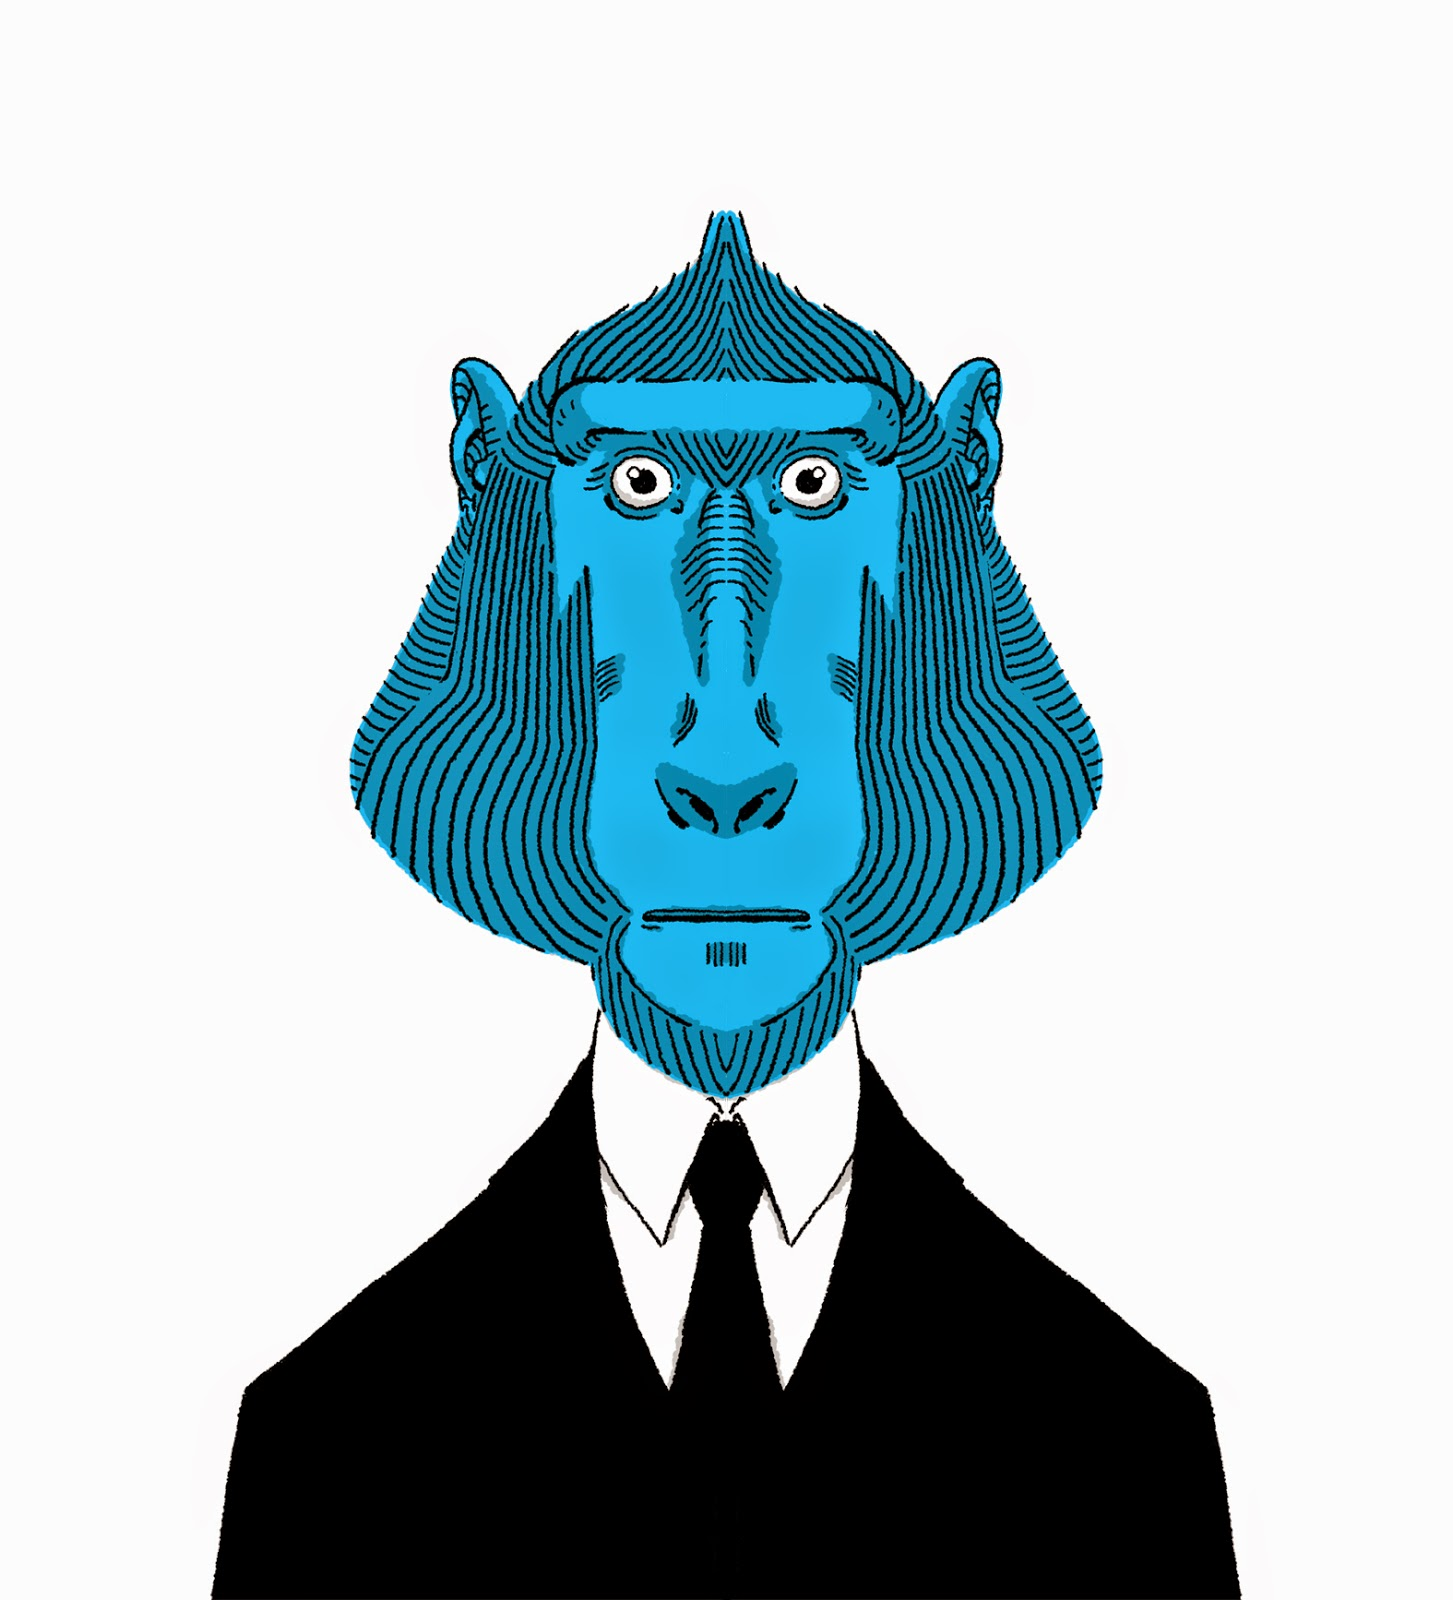 wilson dos santos baboon monkey